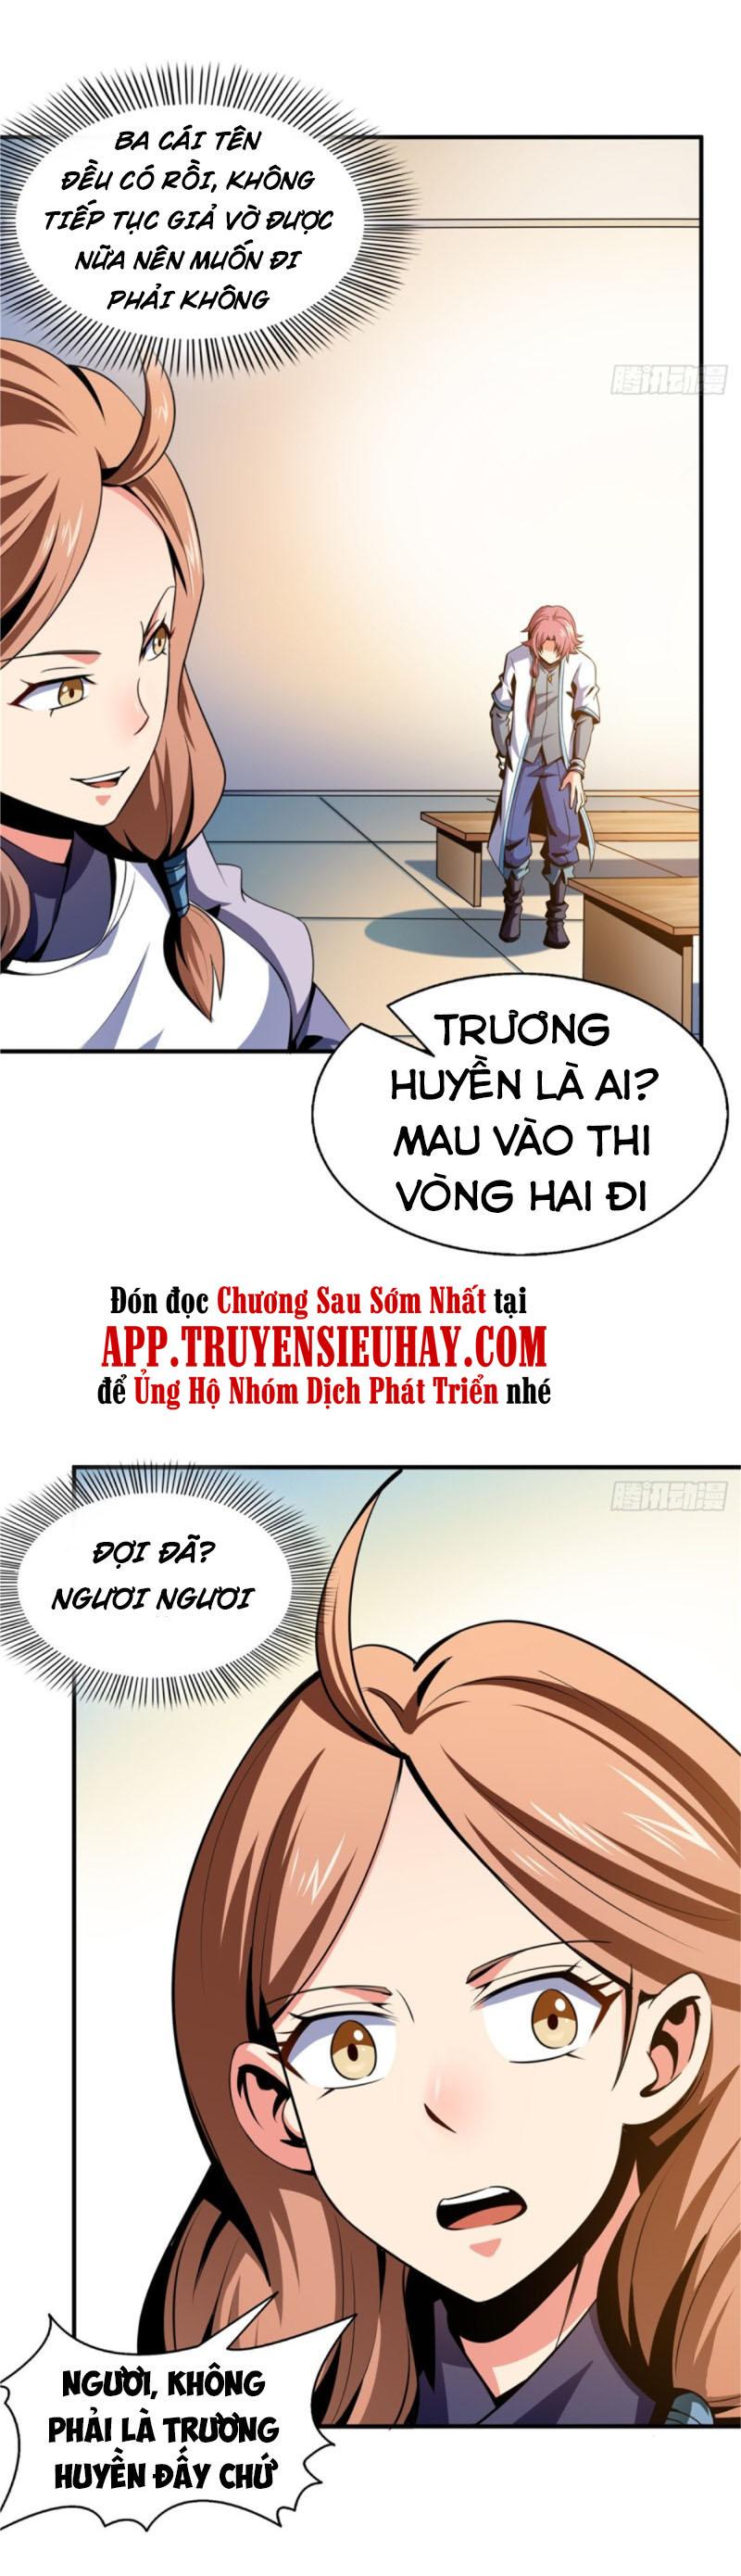 Thiên Đạo Đồ Thư Quán Chương 58 - truyenmh.com